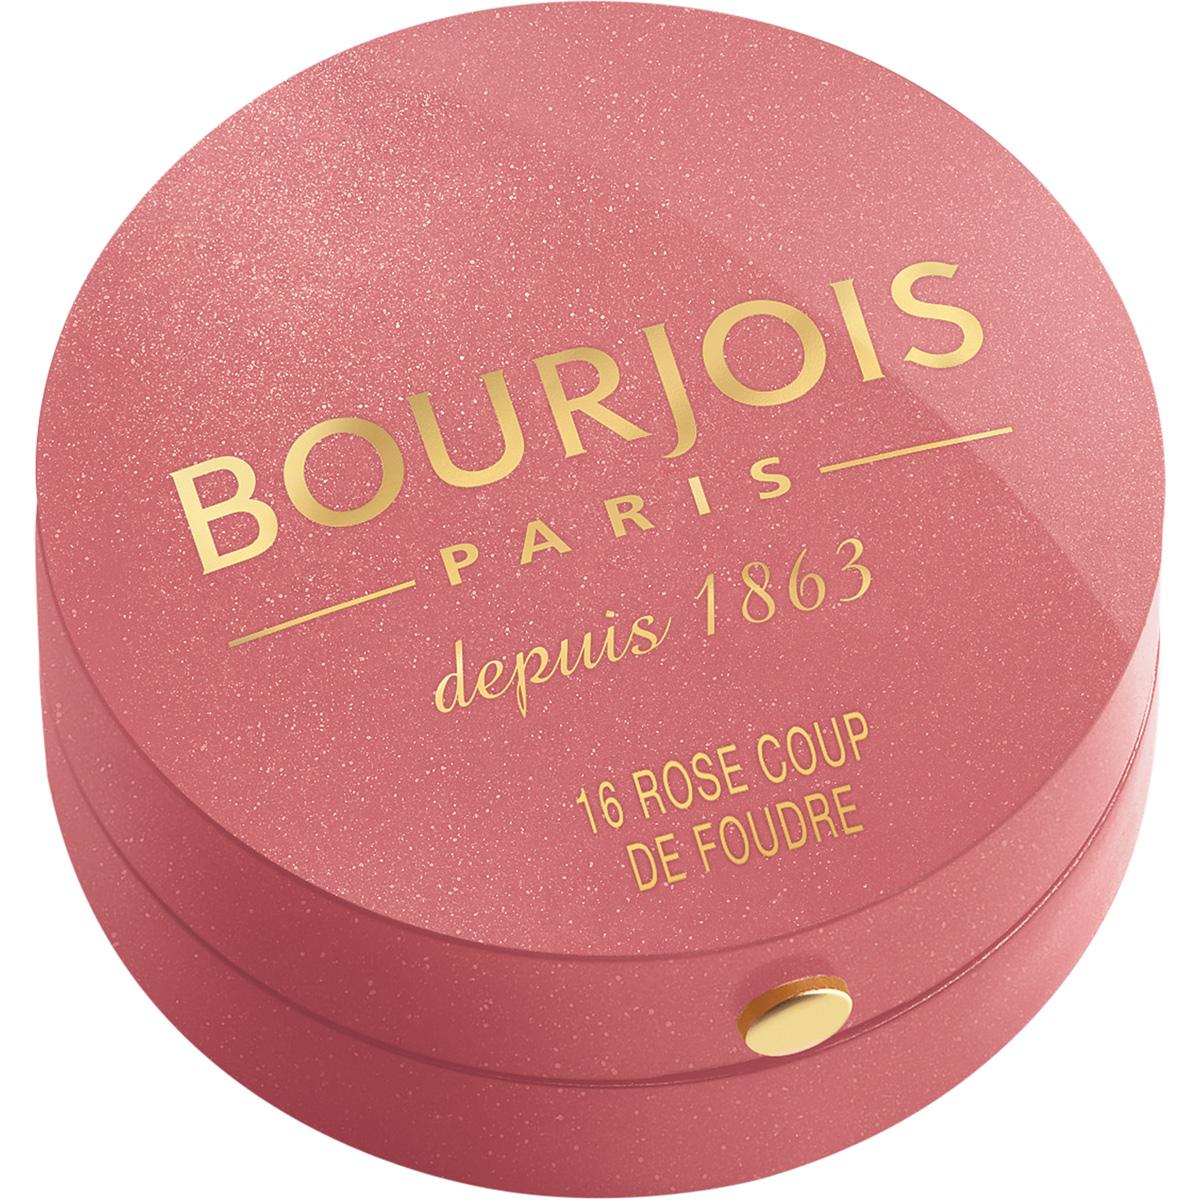 Bourjois Румяна blush 16 тон 2 мл29101562016Продукт - символ марки Bourjois, выпускаемый с 1863 года.Шелковая текстура румян при соприкосновении с кожей превращается в легкую, бархатистую пудру. Румяна невероятно легко наносятся и идеально ложатся. Твоя кожа выглядит потрясающе! Нежнейшая кисточка из натурального колонка творит чудеса! Потрясающая отдушка с ароматом розы, характерная для румян Bourjos, создает настроение легкости, а встроенное зеркальце облегчает нанесение.Cтолько соблазна в одной маленькой круглой баночке!